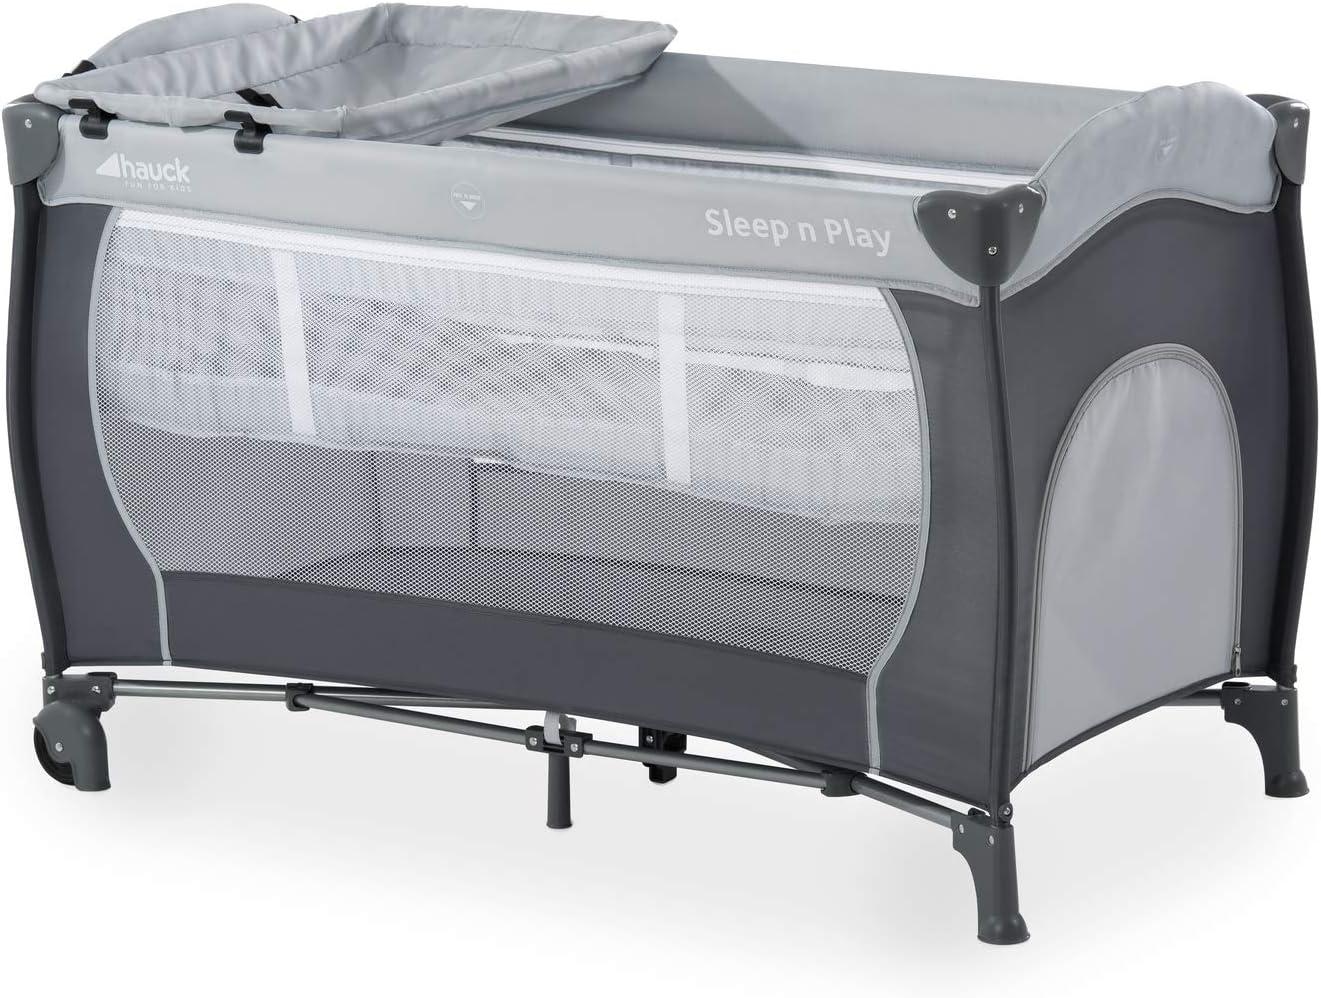 Hauck Sleep N Play Center - Cuna de viaje 7 piezas hasta 15 kg, altura recién nacido, con apertura lateral, ruedas, colchón, cambiador bebe, bolsa de transporte, plegable y regulable, gris